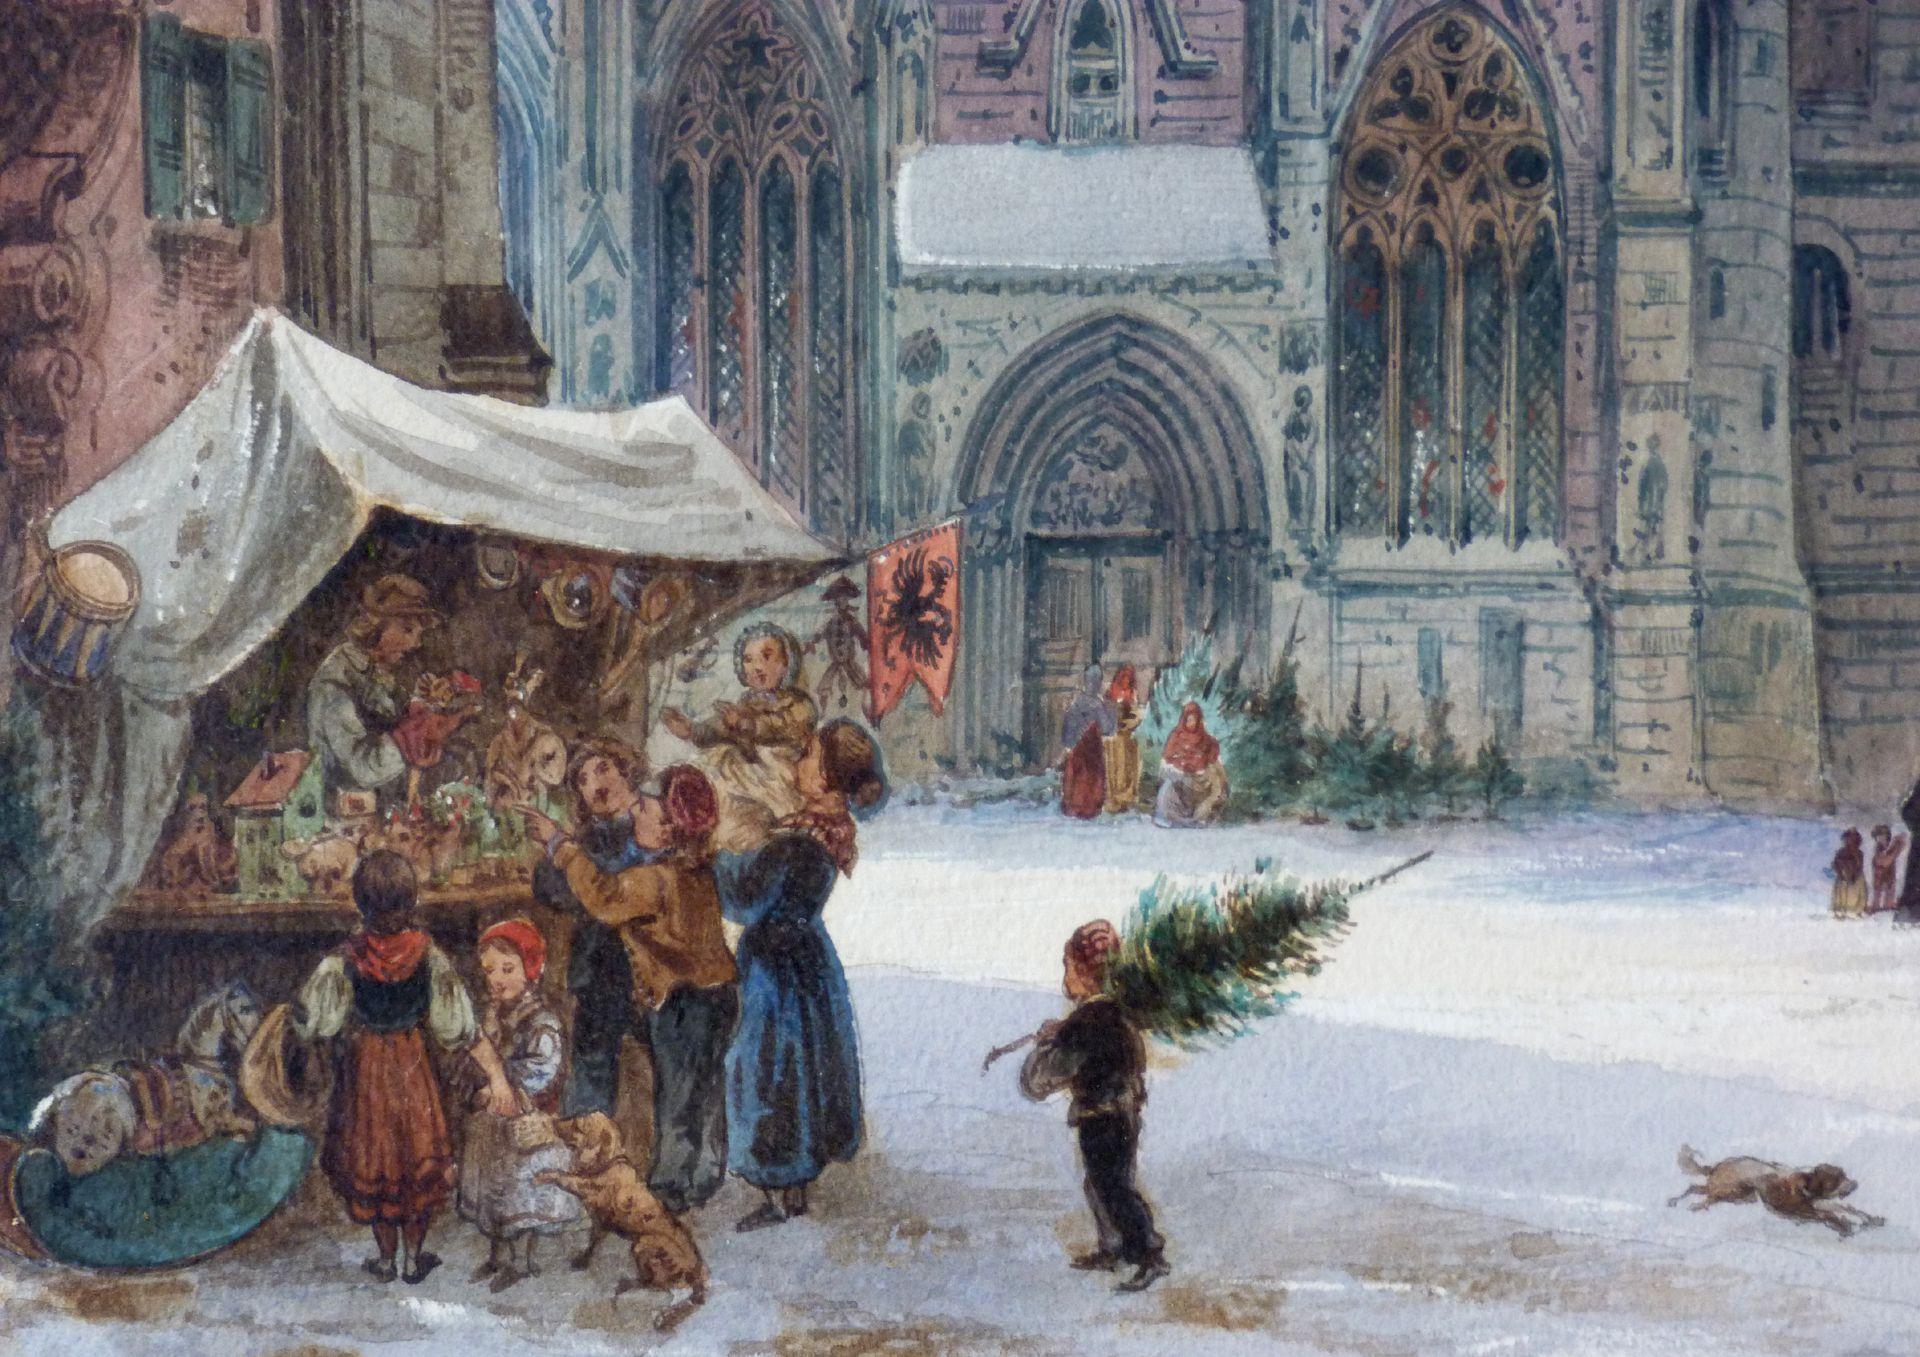 St. Sebaldus-Church with mit Moritz-Chapel and vicarage Christmas stall